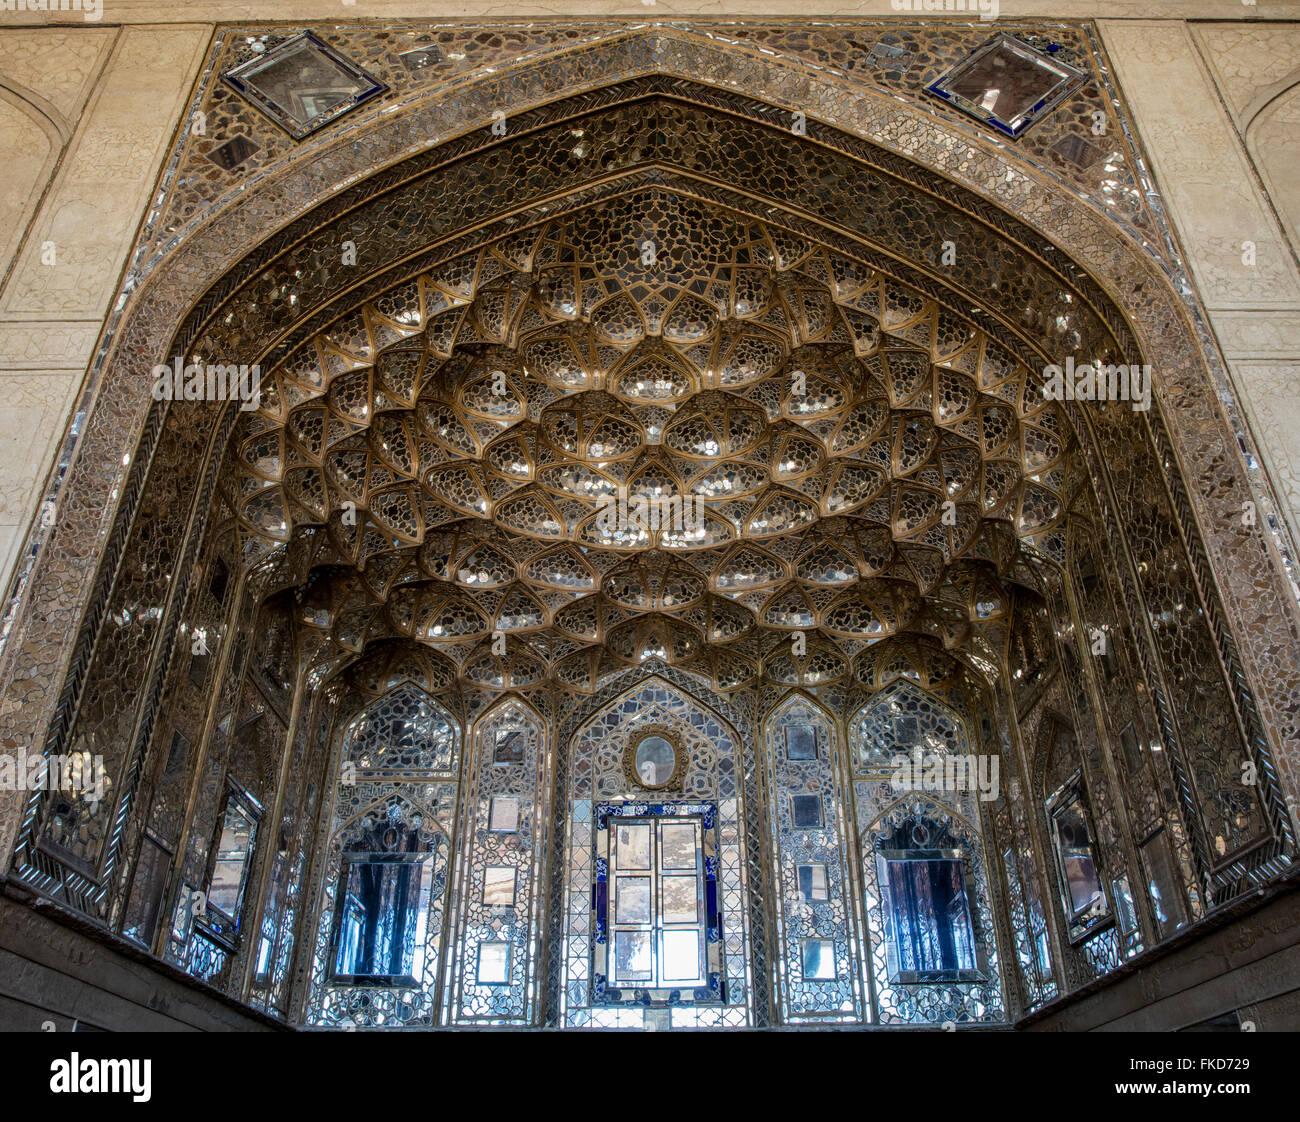 Détail de toit de talar safavide et le travail à la 17e siècle Chehel Sotun pavilion, Isfahan, Iran Photo Stock